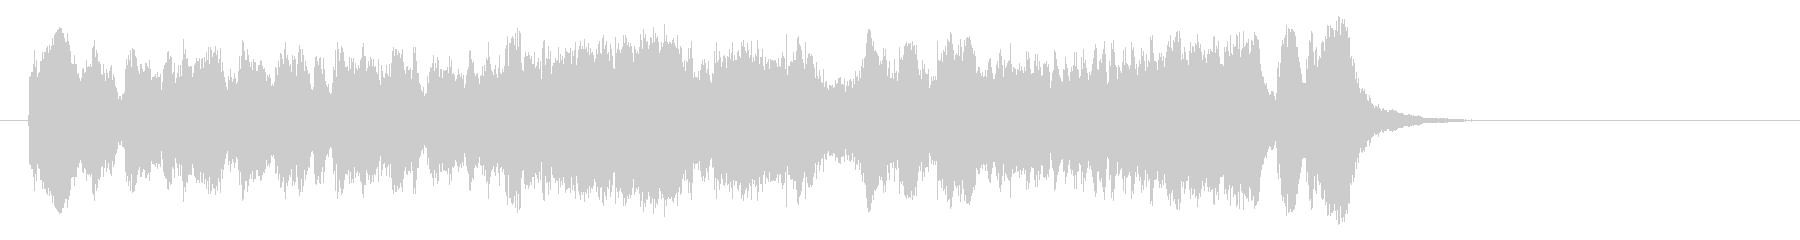 気品高いオーケストラ楽曲(サビ)の未再生の波形